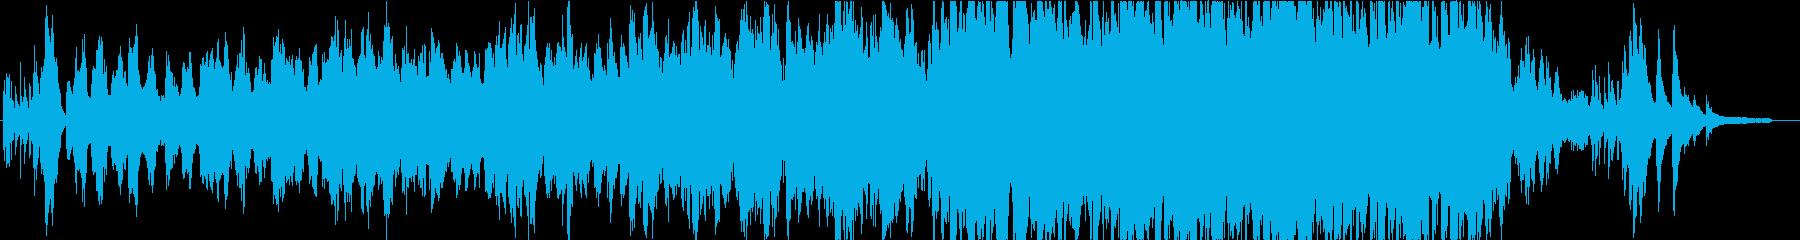 【生演奏】優しいバイオリン曲バラードの再生済みの波形